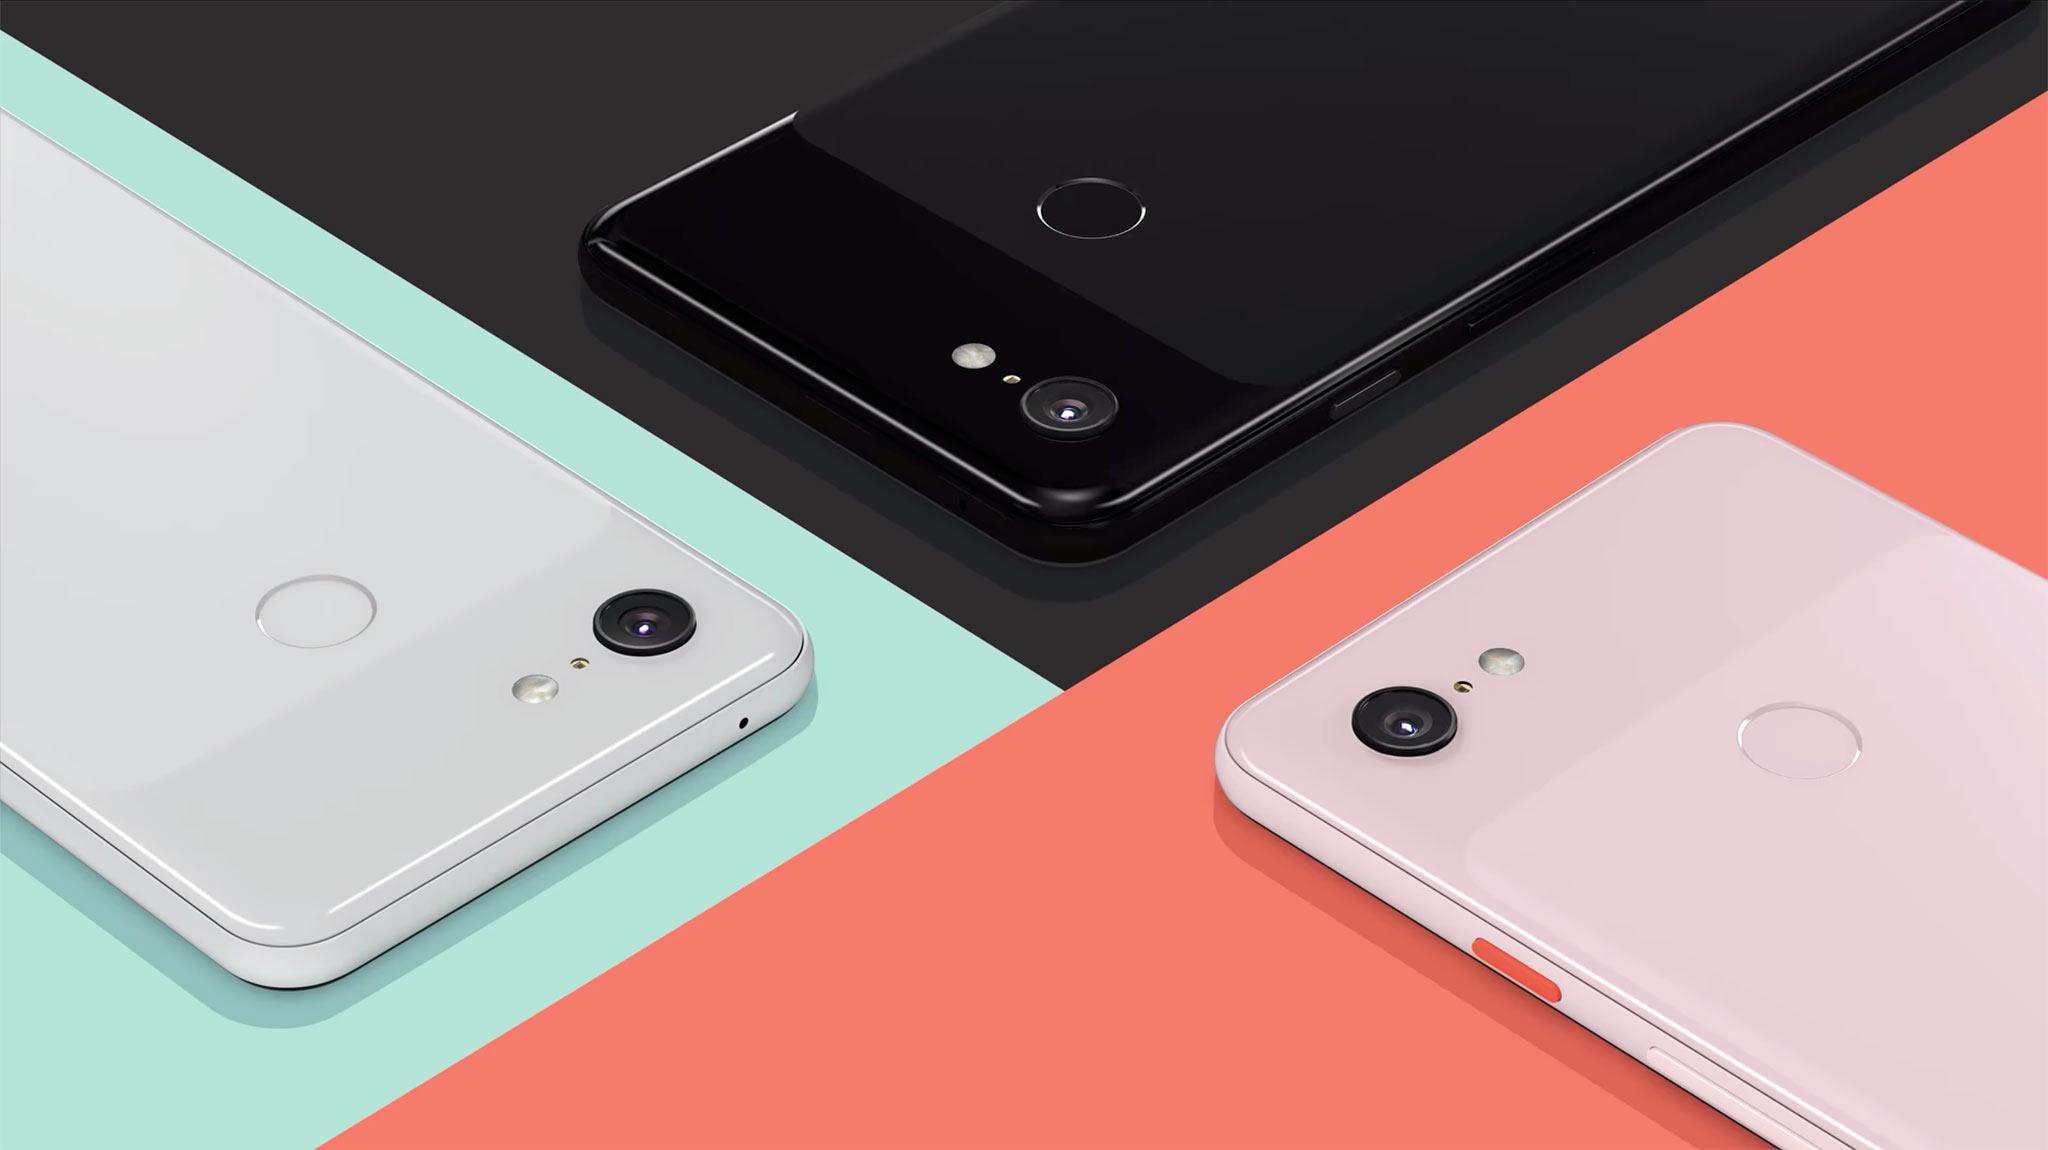 Неожиданно: Google начал продавать восстановленные Pixel 3 всего за $249